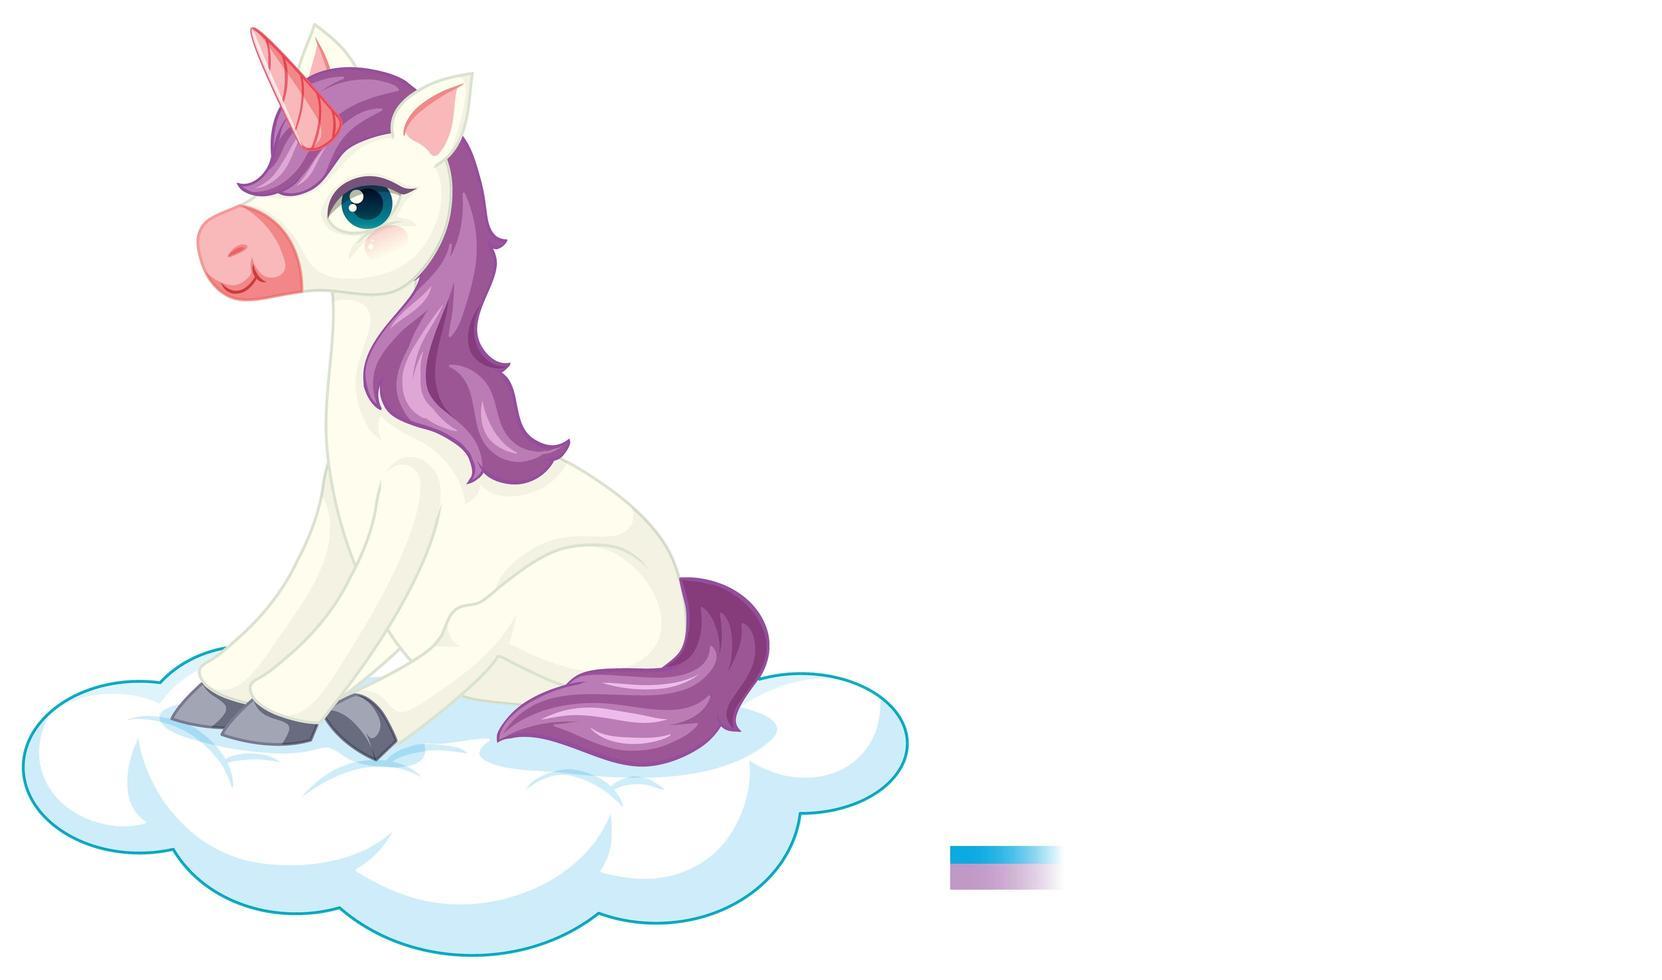 carino unicorno viola in posizione seduta su sfondo bianco vettore